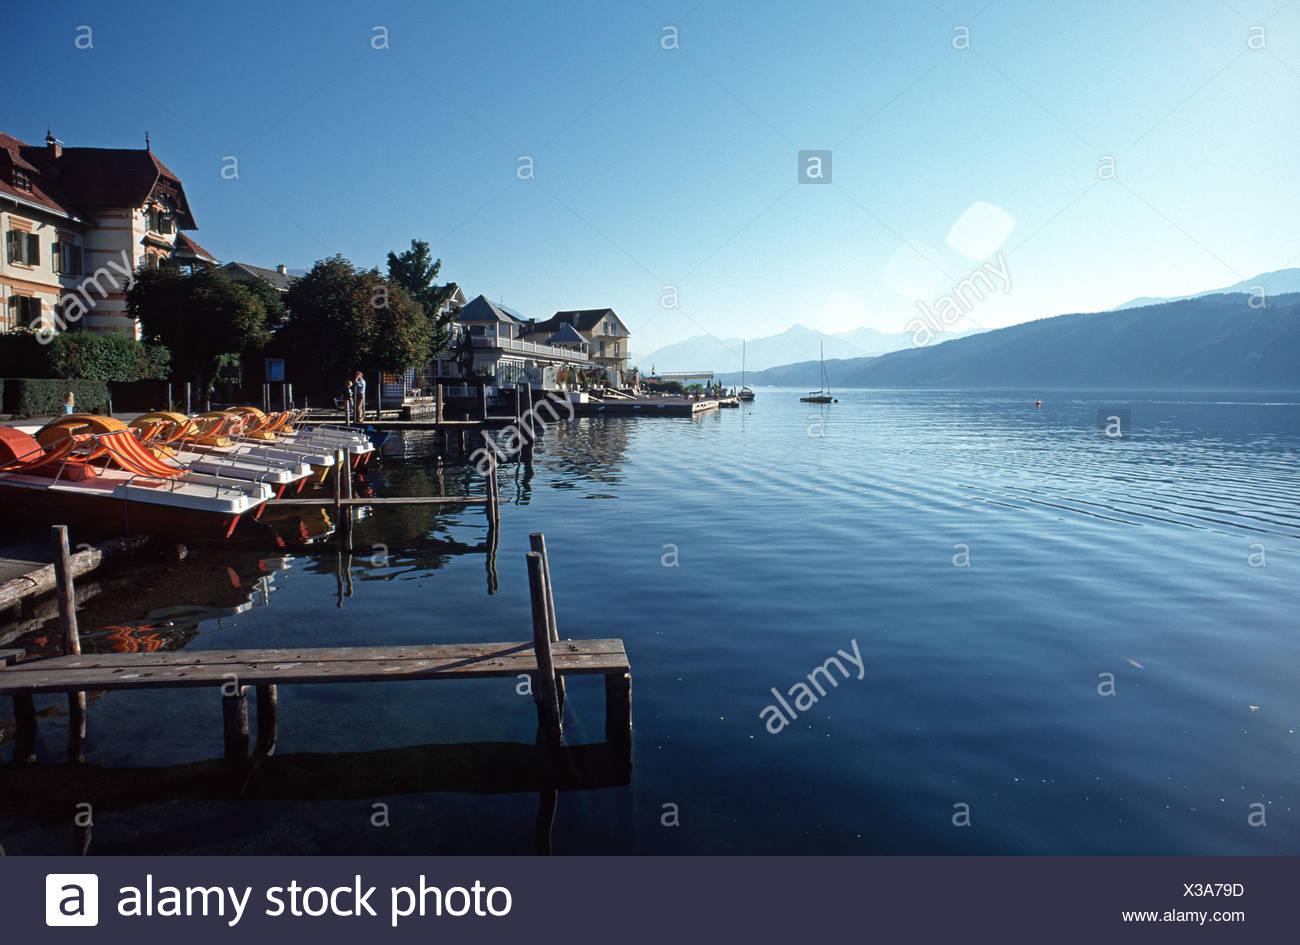 Lakeside boardwalk at Lake Millstatt, Millstatt, Carinthia, Austria, Europe - Stock Image